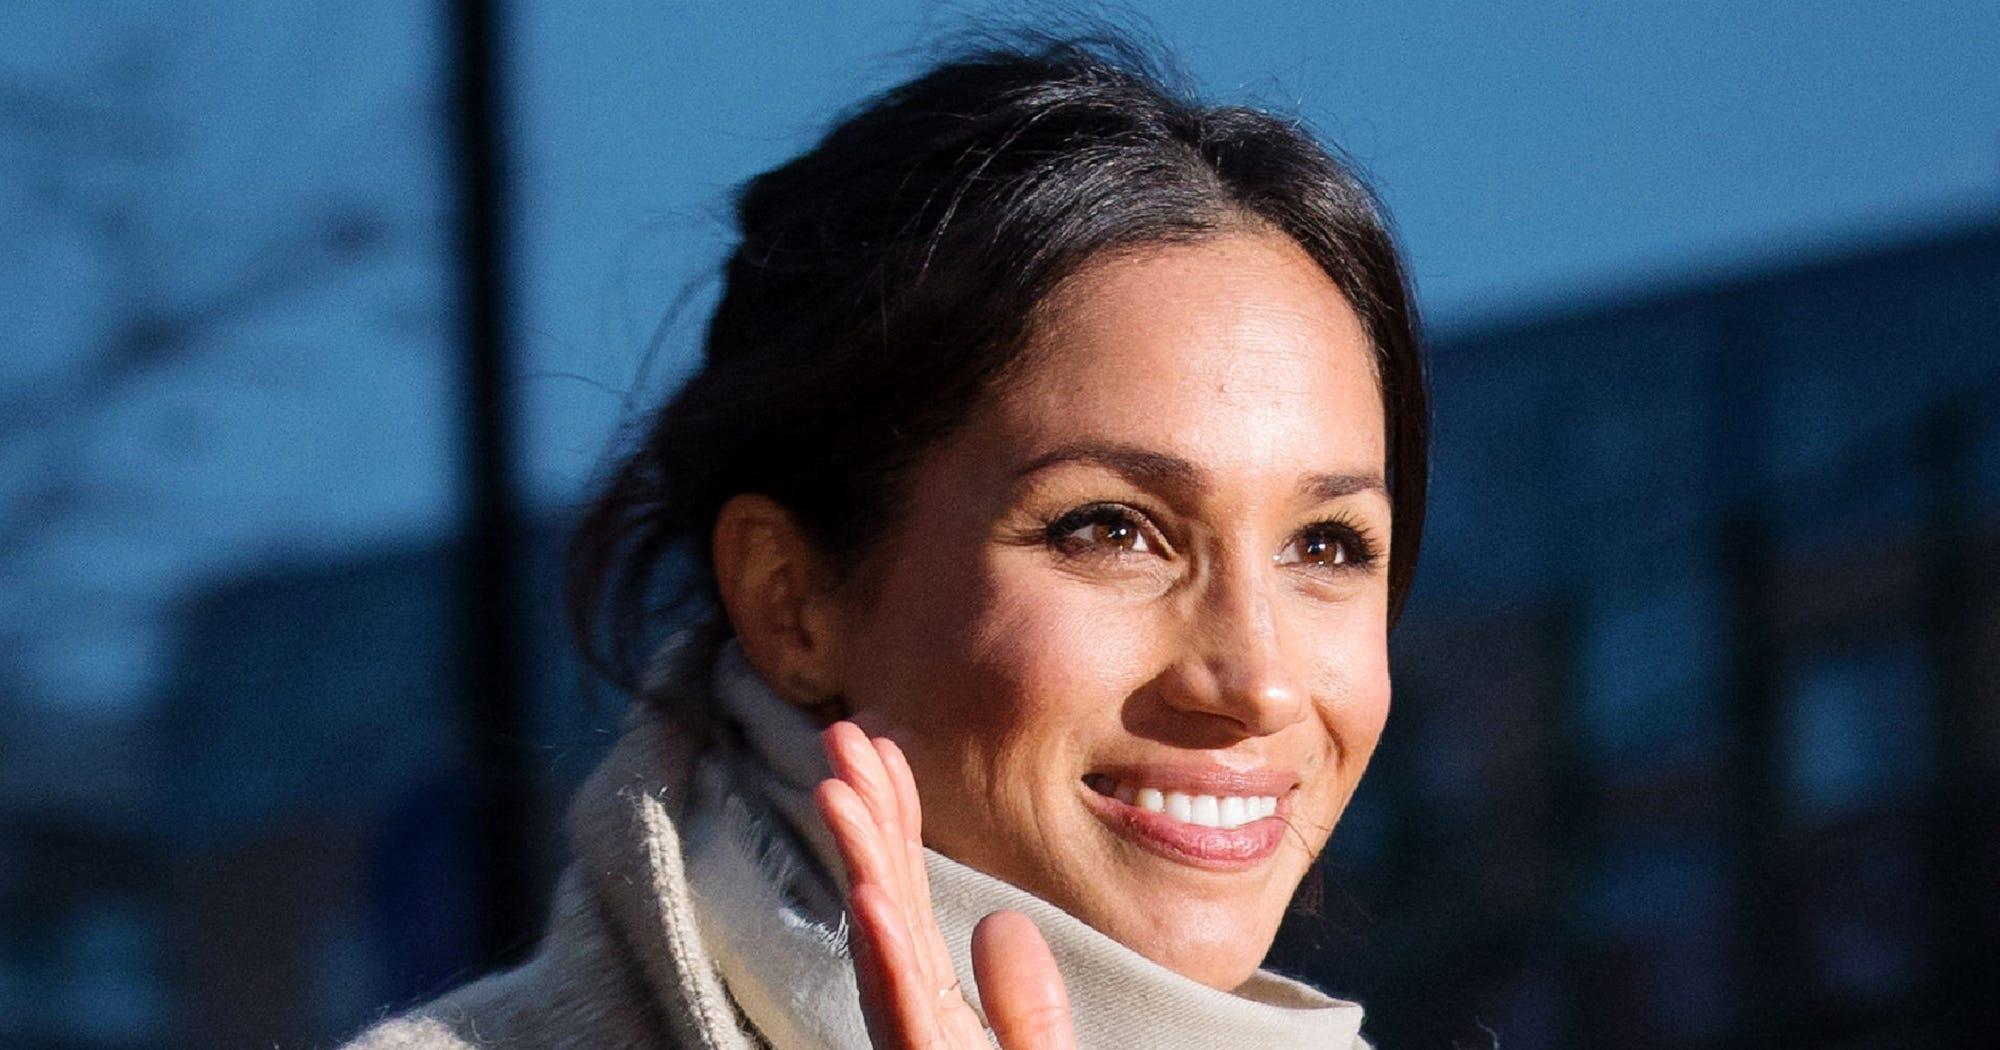 Meghan Markle Kate Middleton Wearing A Tiara